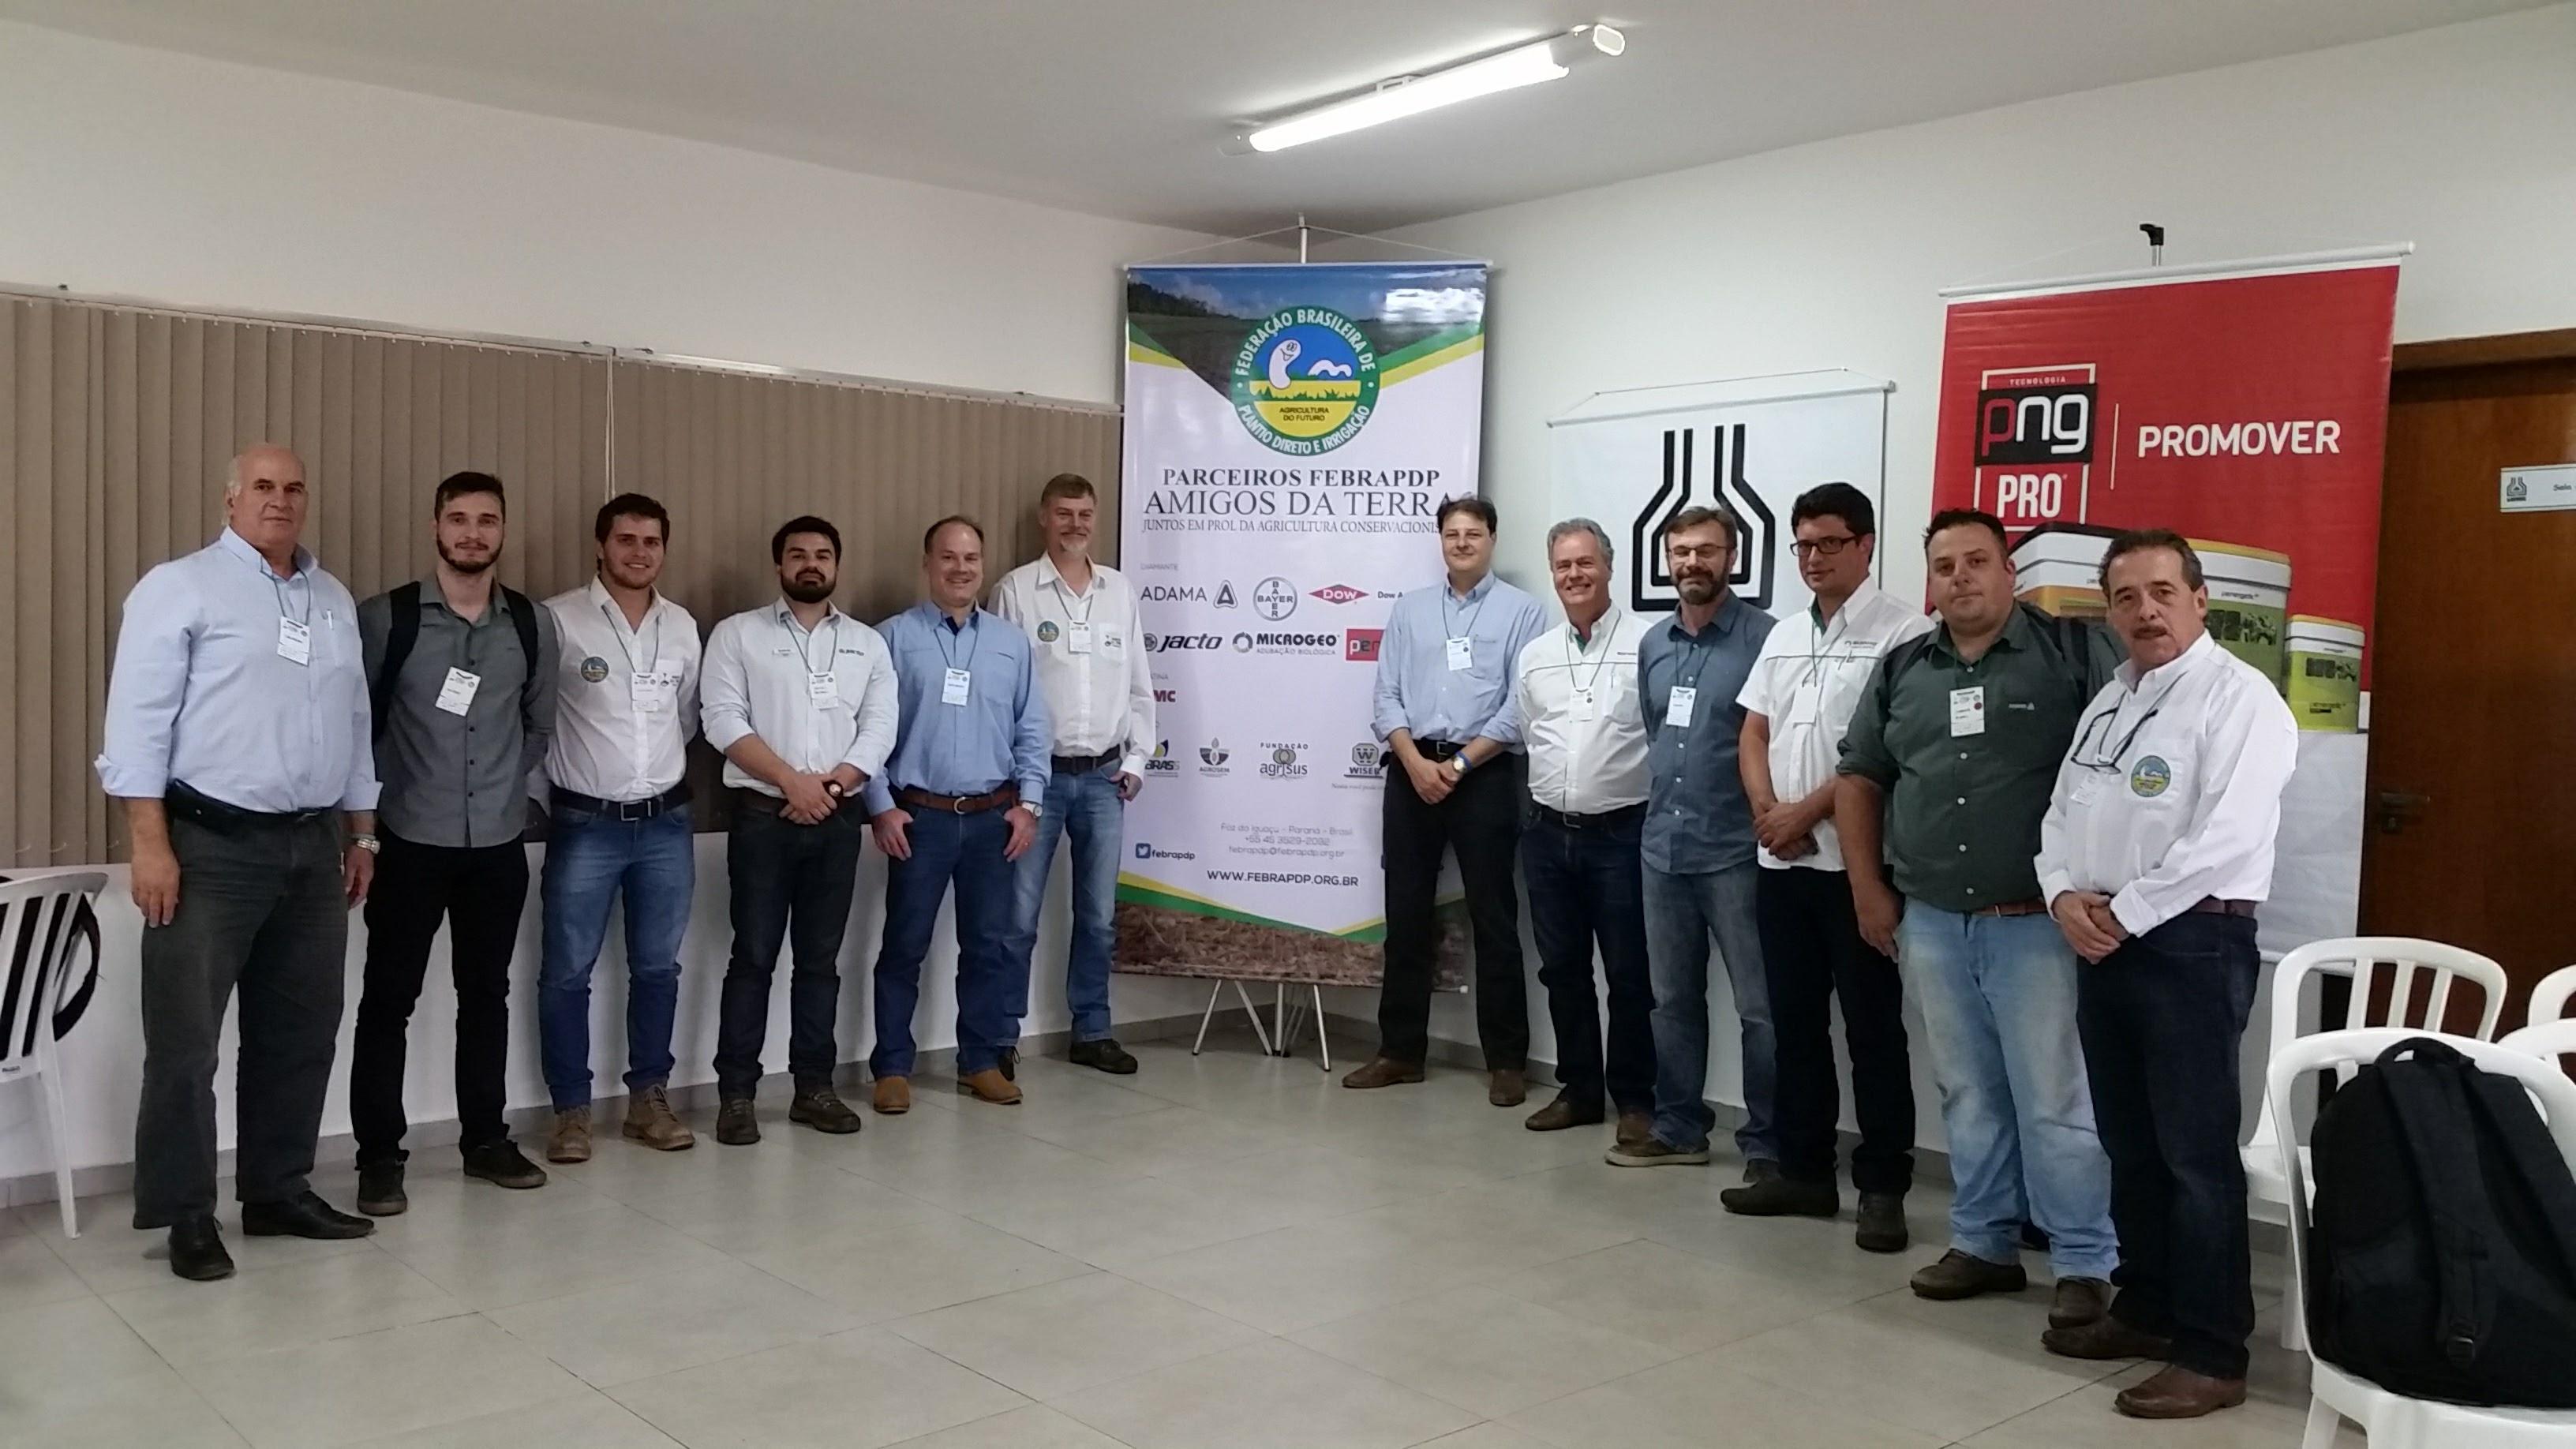 Diretoria da FEBRAPDP com representantes das empresas participantes do Amigos da Terra e palestrantes